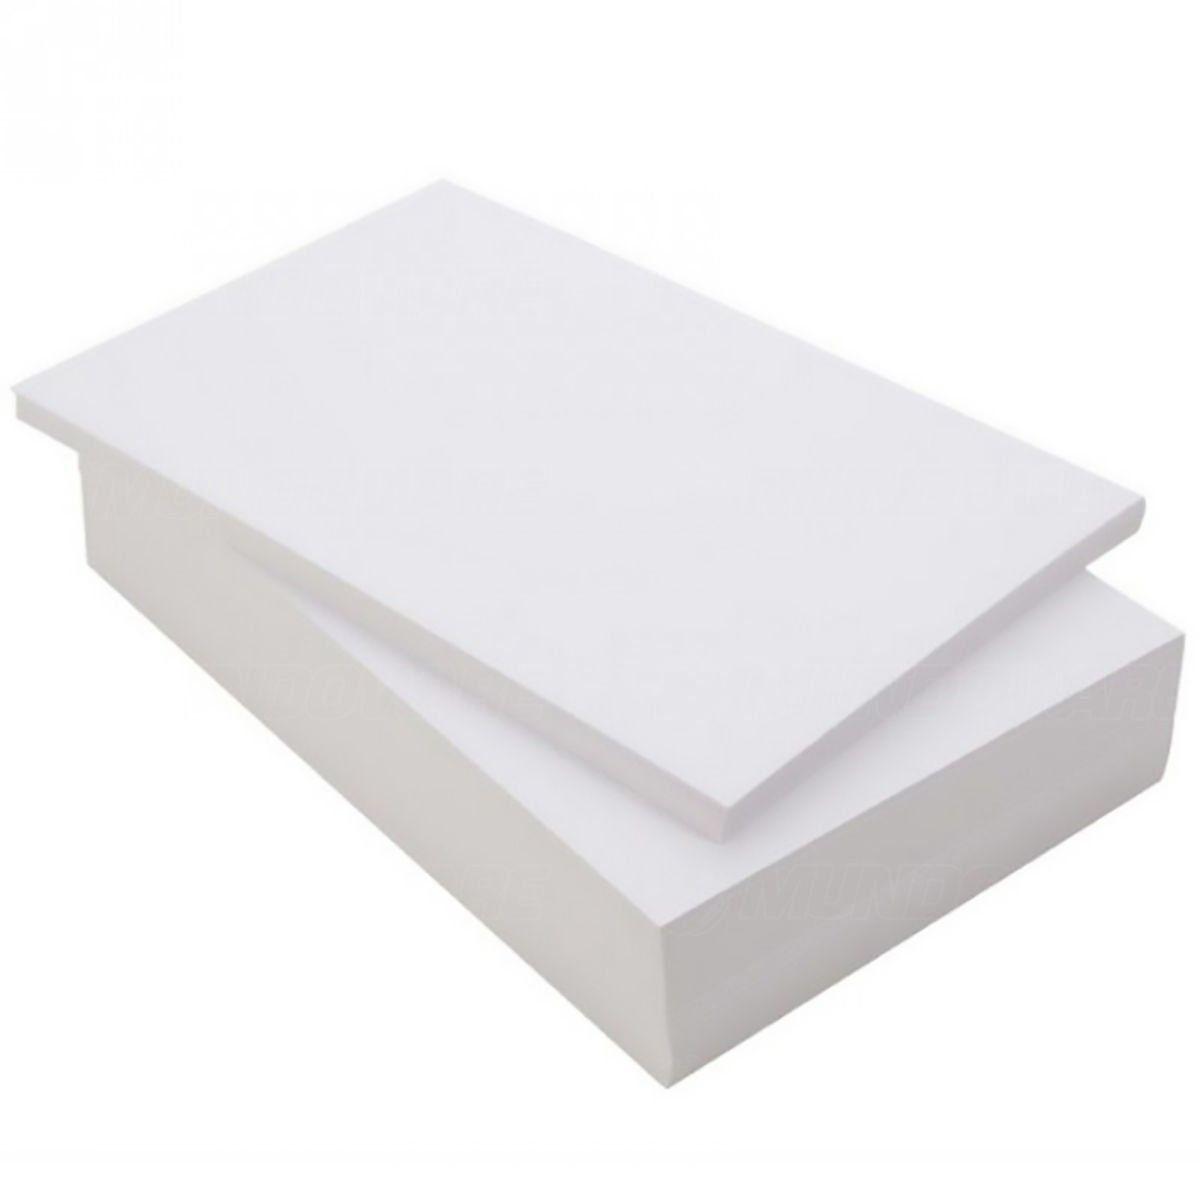 Papel Foto Adesivo Matte Fosco 108g A4 Branco Resistente à Água / 400 folhas